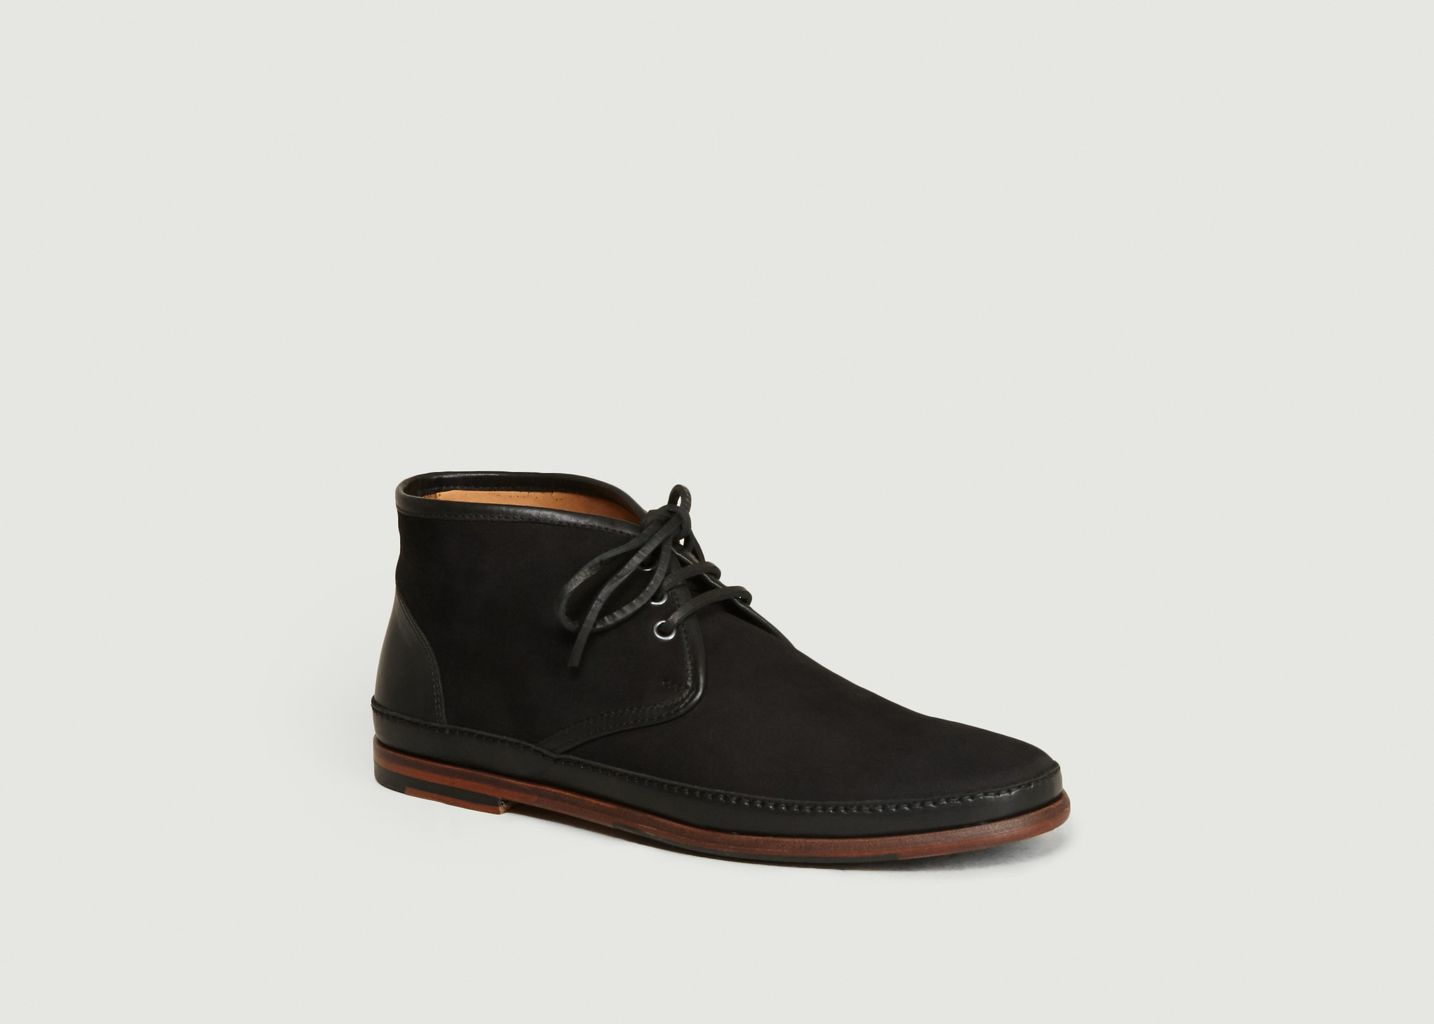 Boots Le Jeune Voyou de Luxe - Paire & Fils